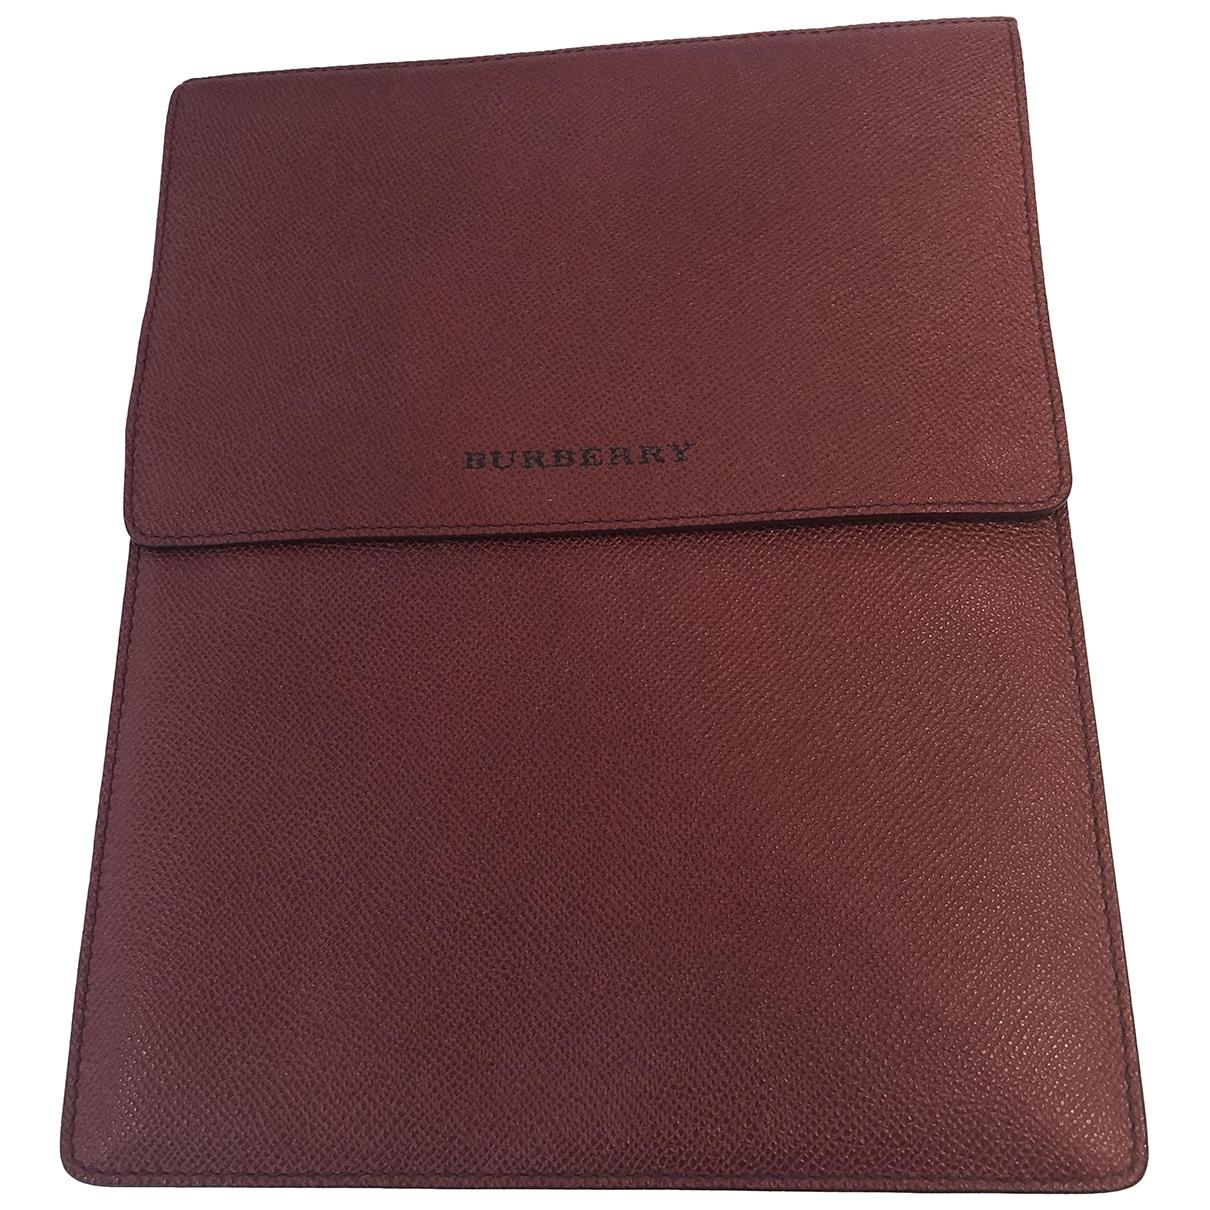 Burberry - Accessoires   pour lifestyle en cuir - rouge